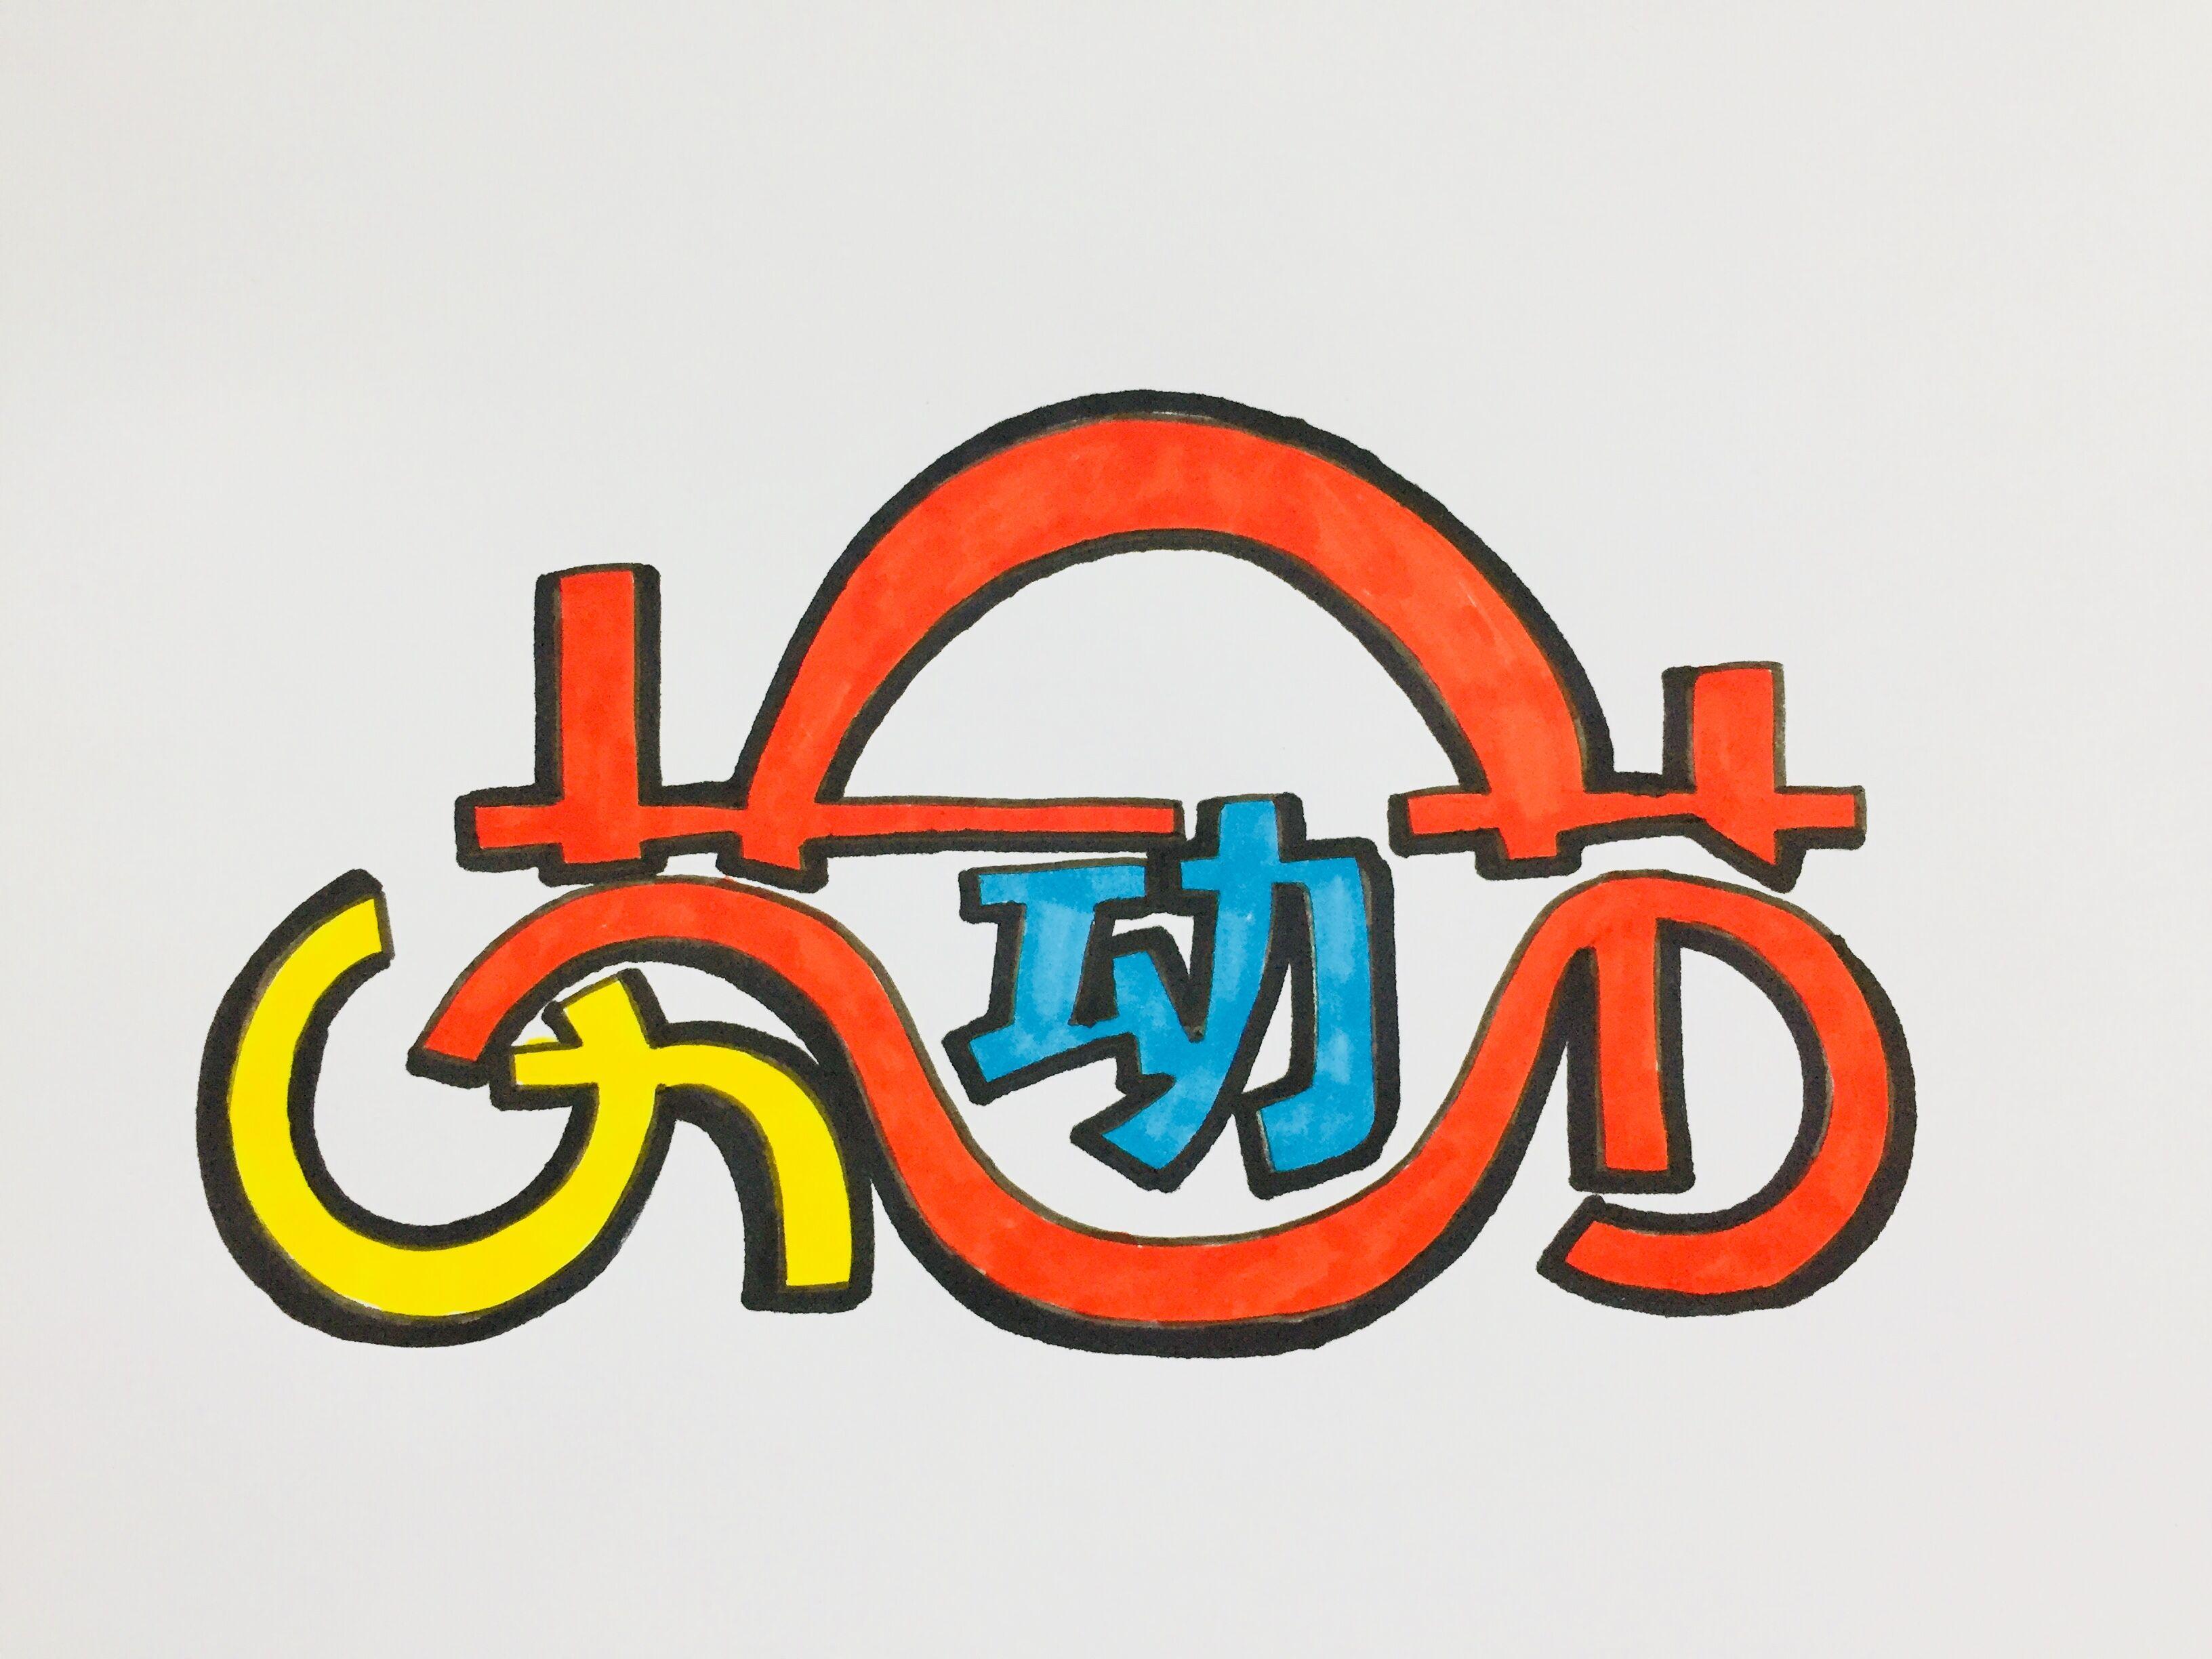 劳动节这个字怎么画,劳动节可爱字体画法